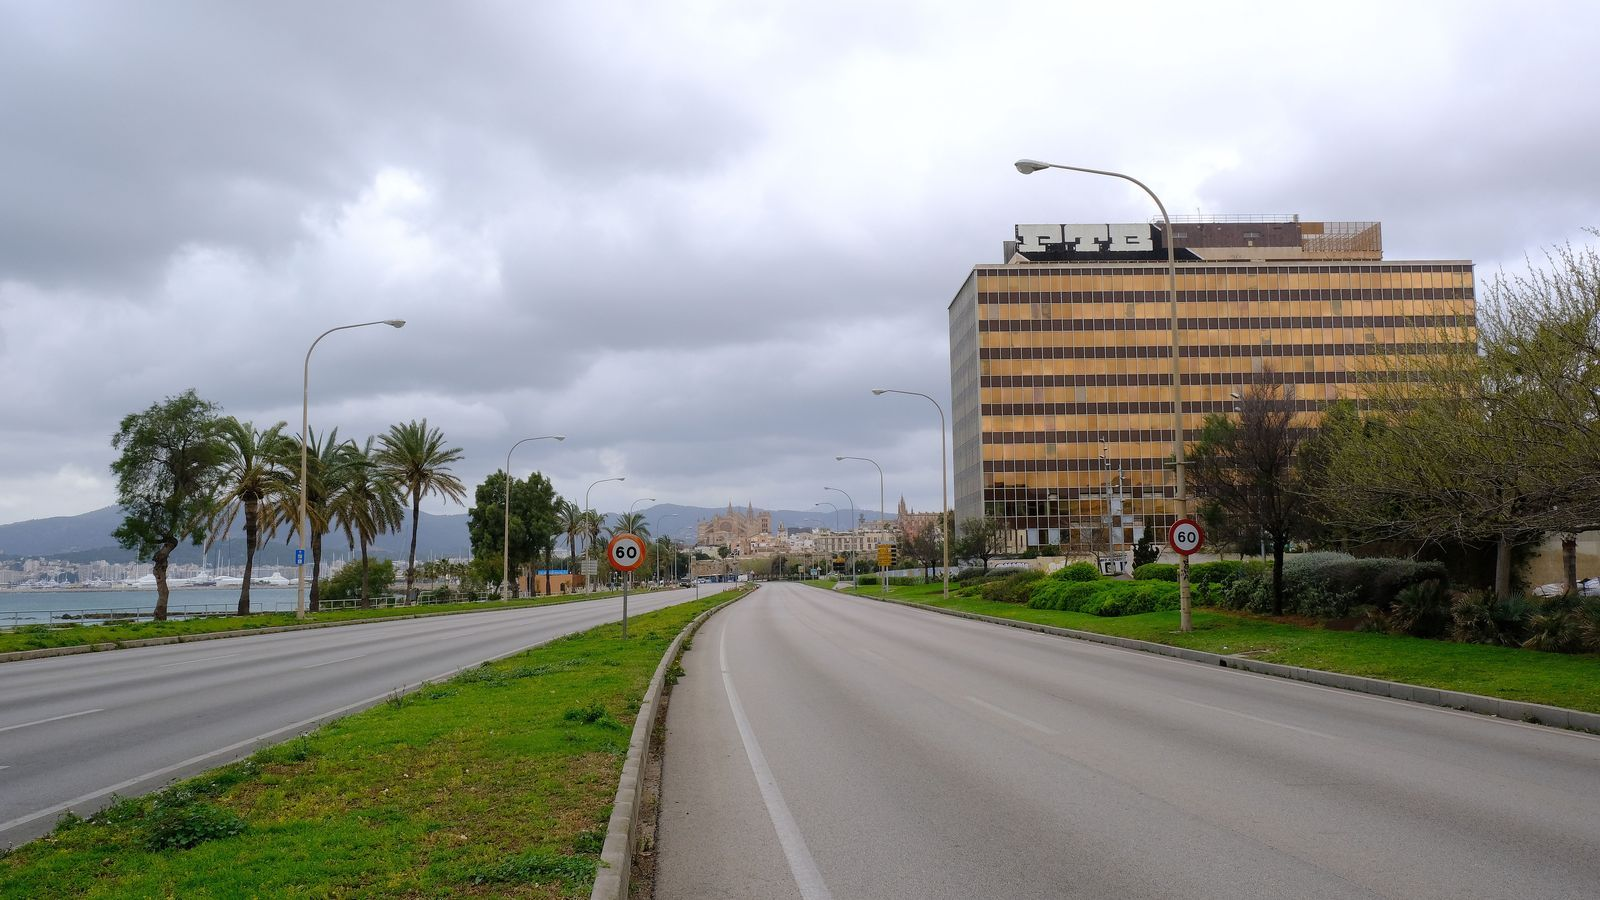 La primera línia de mar de Palma completament buida durant l'estat d'alarma.